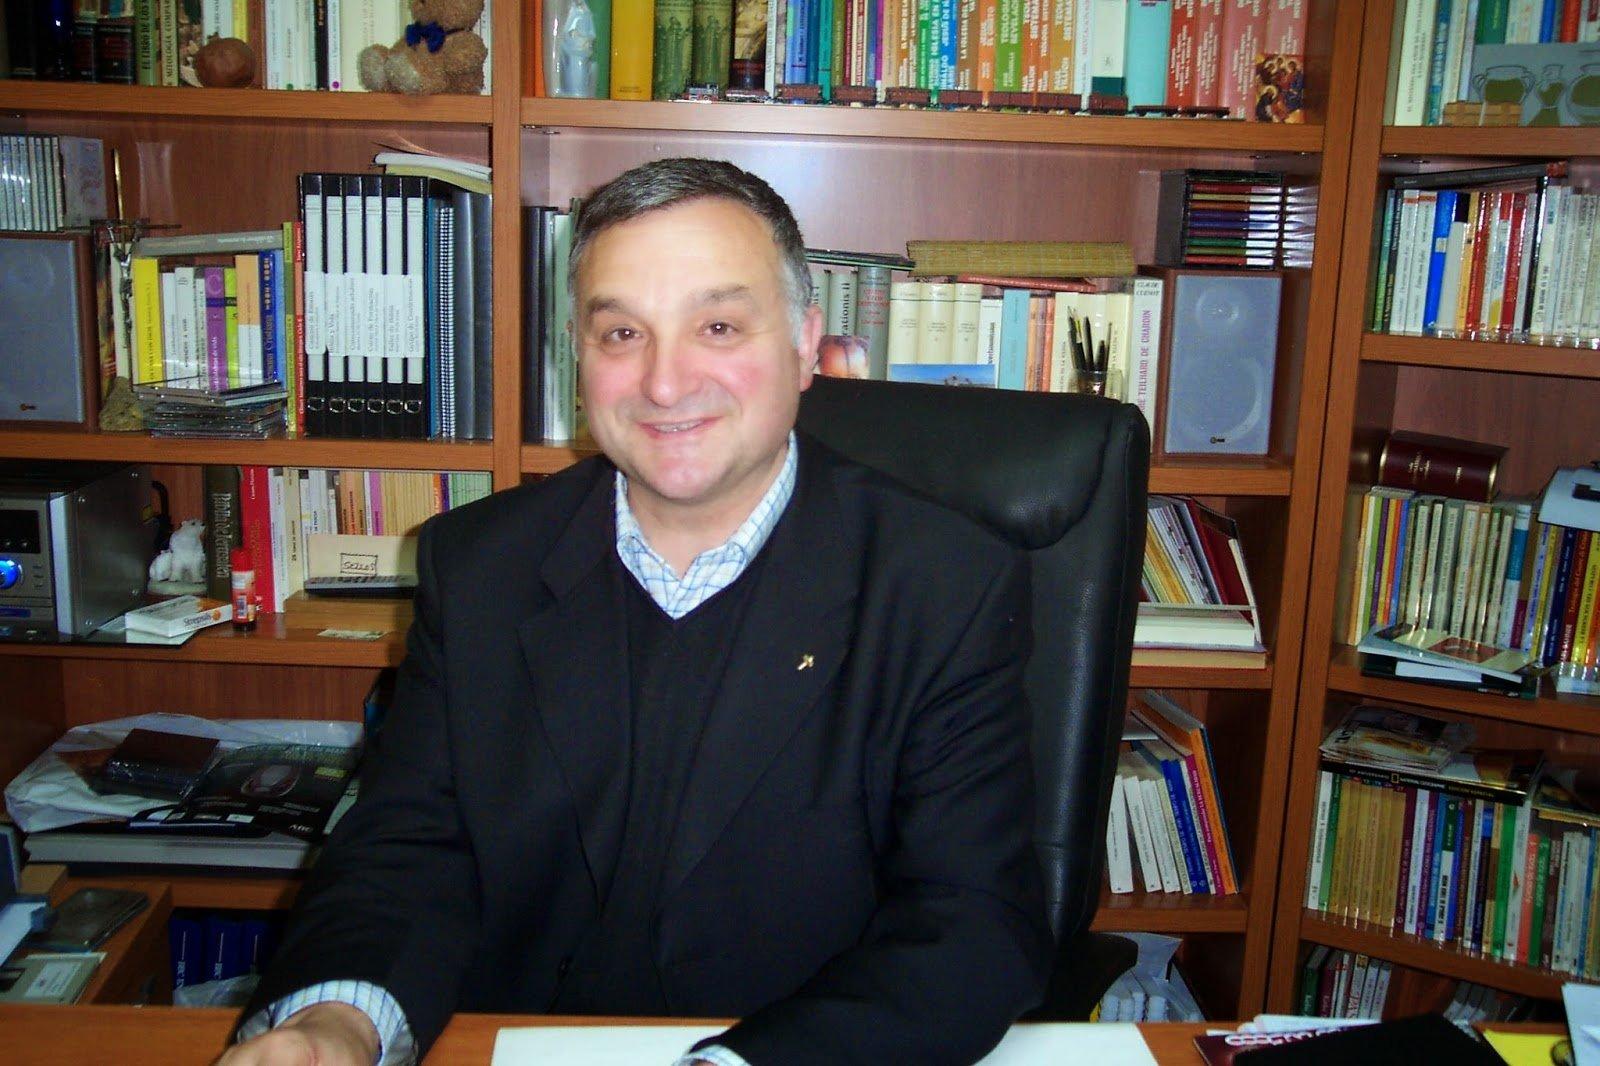 Antonio Gómez Cantero, ¿nuevo obispo de Palencia?